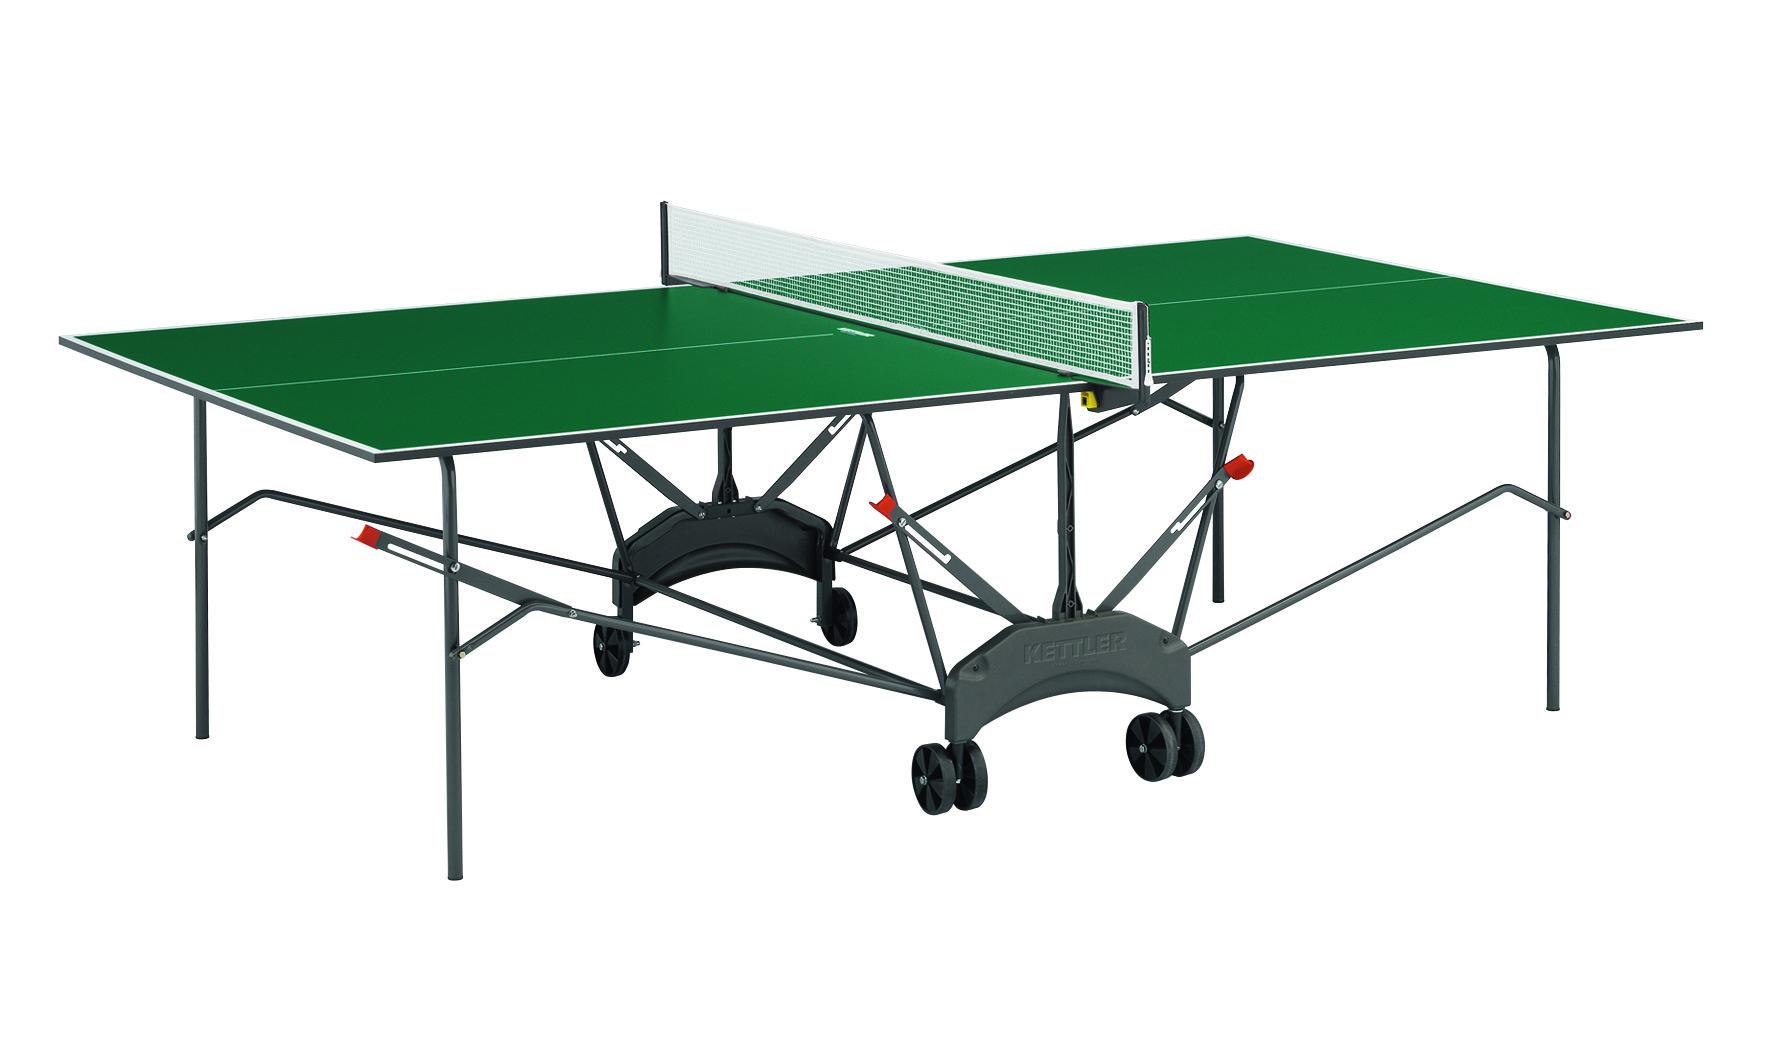 Pingpongový stůl venkovní KETTLER CLASSIC PRO + rozšířená záruka 60 měsíců ZDARMA